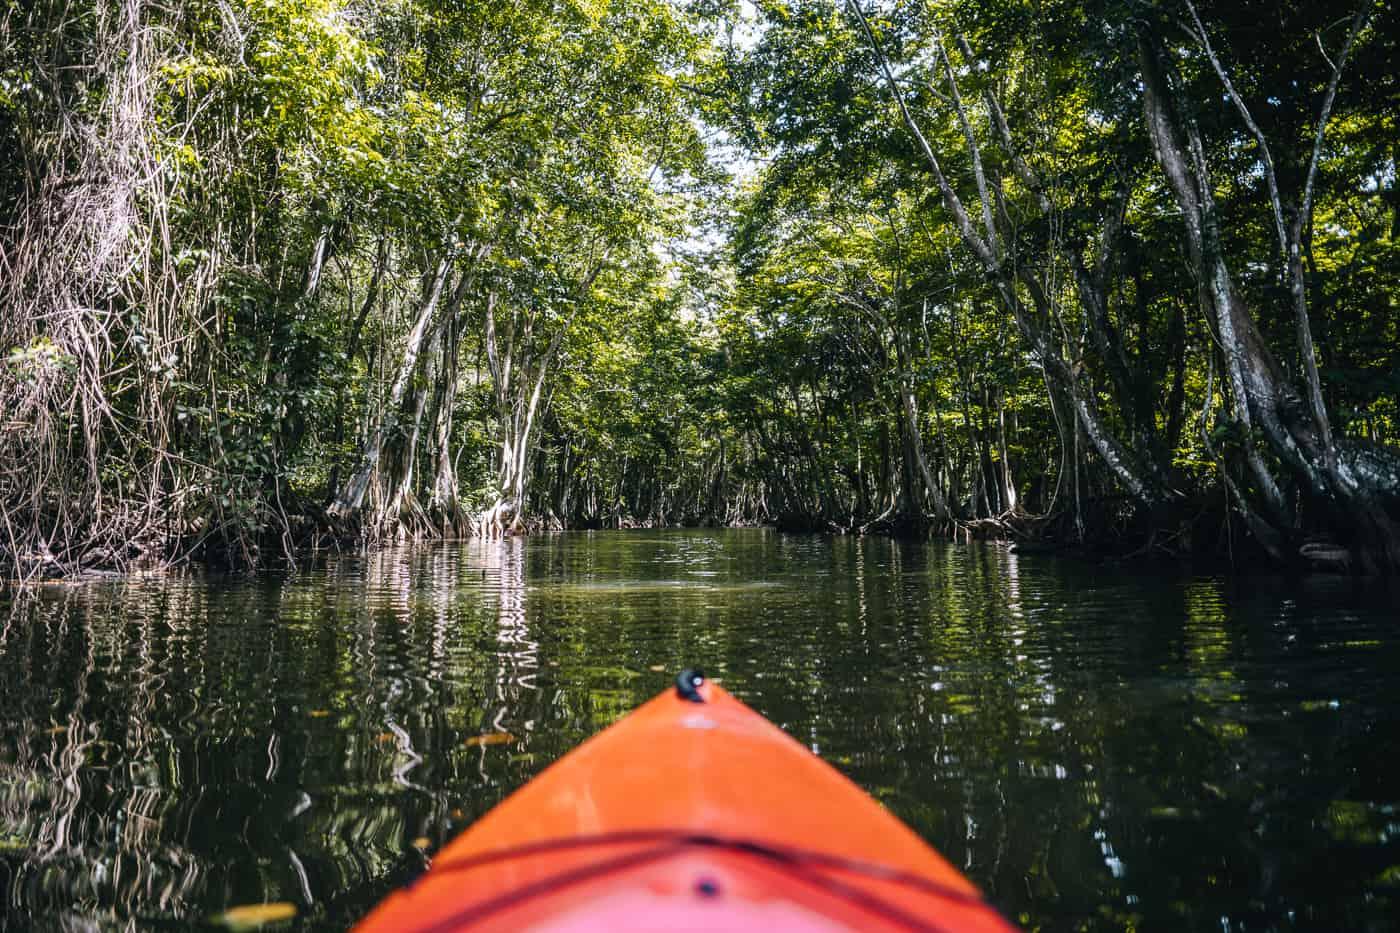 Saint Lucia - Tipps, Sehenswürdigkeiten, Strände & Ausflugsziele auf der Karibik-Insel: Marigot Bay Kayak